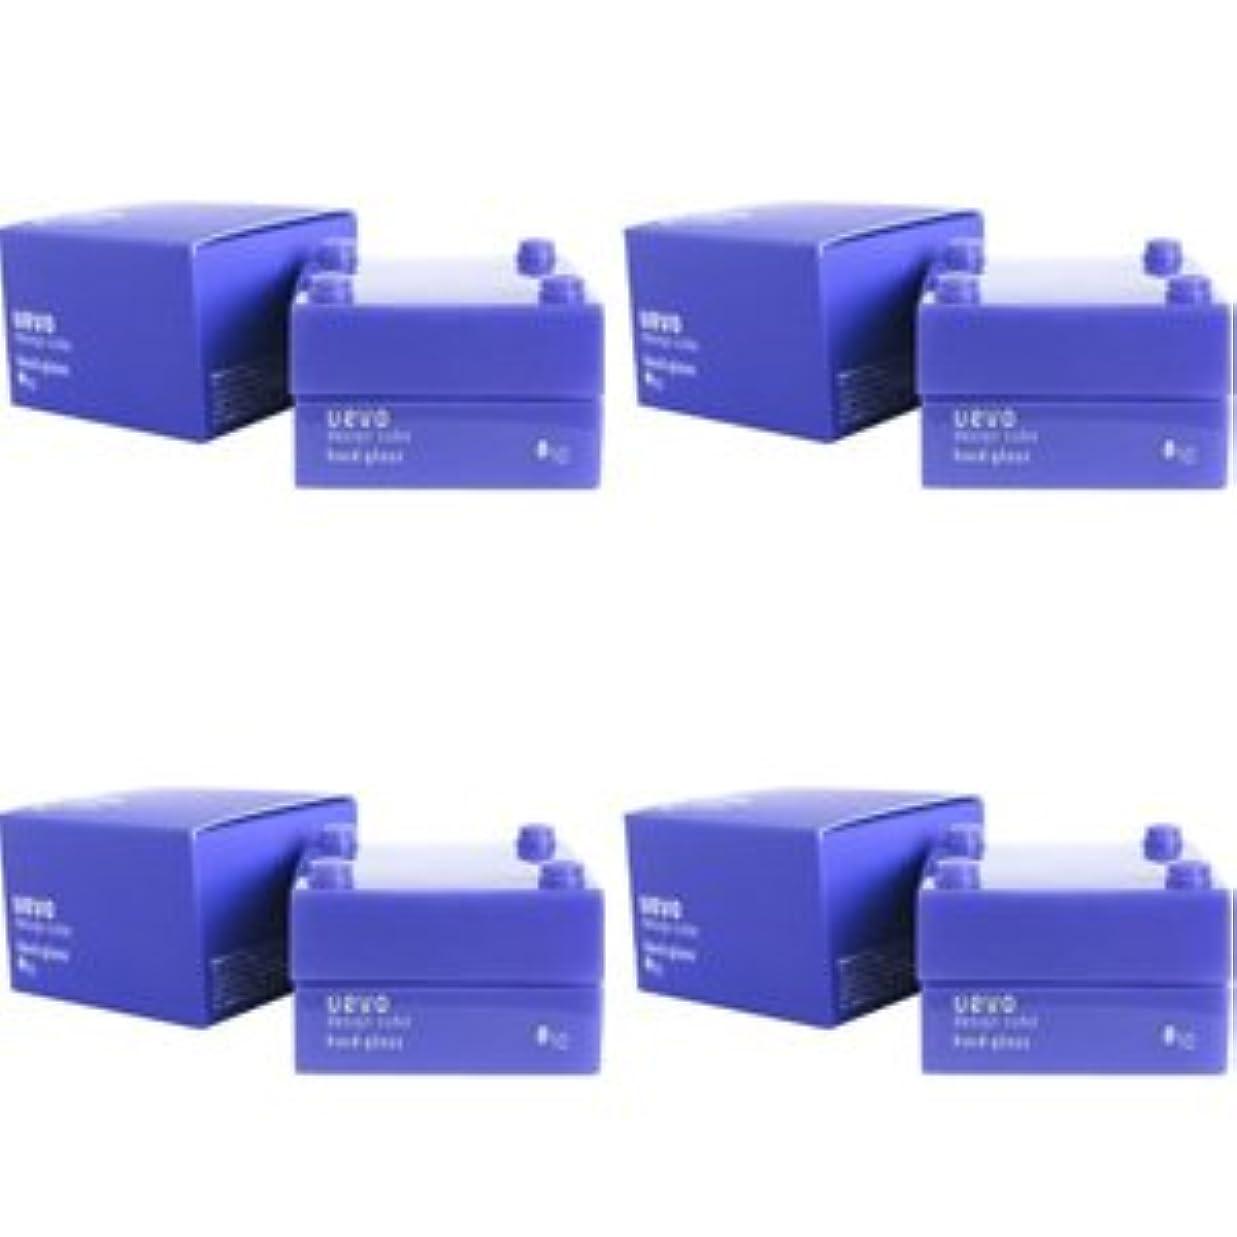 目を覚ますシロクマ酸化物【X4個セット】 デミ ウェーボ デザインキューブ ハードグロス 30g hard gloss DEMI uevo design cube